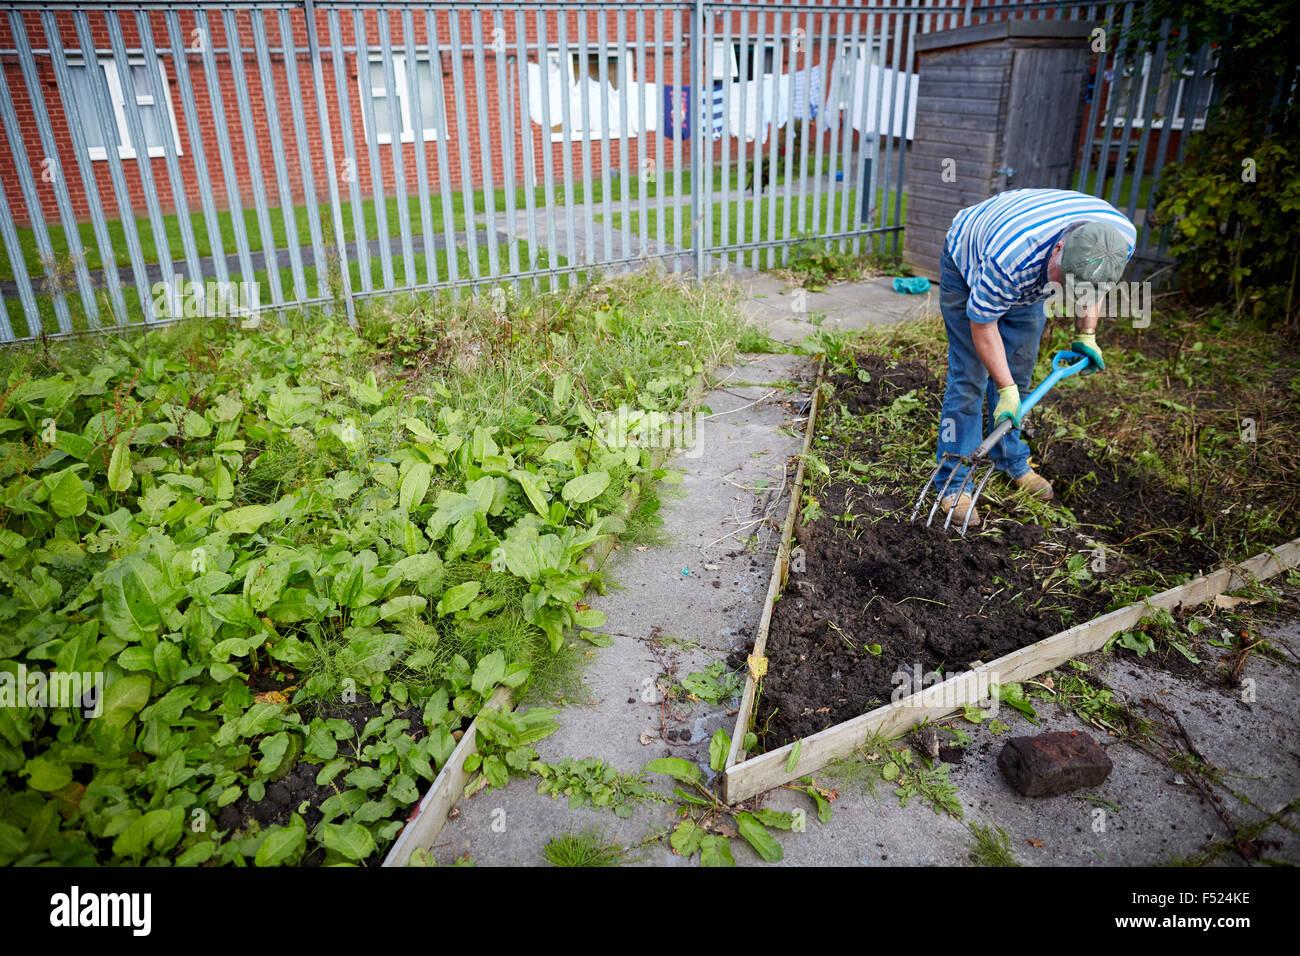 Affinität Sutton sonnigen Braue Lounge in Gorton resident arbeiten auf seiner Zuteilung Raum Gartenarbeit arbeiten Stockbild